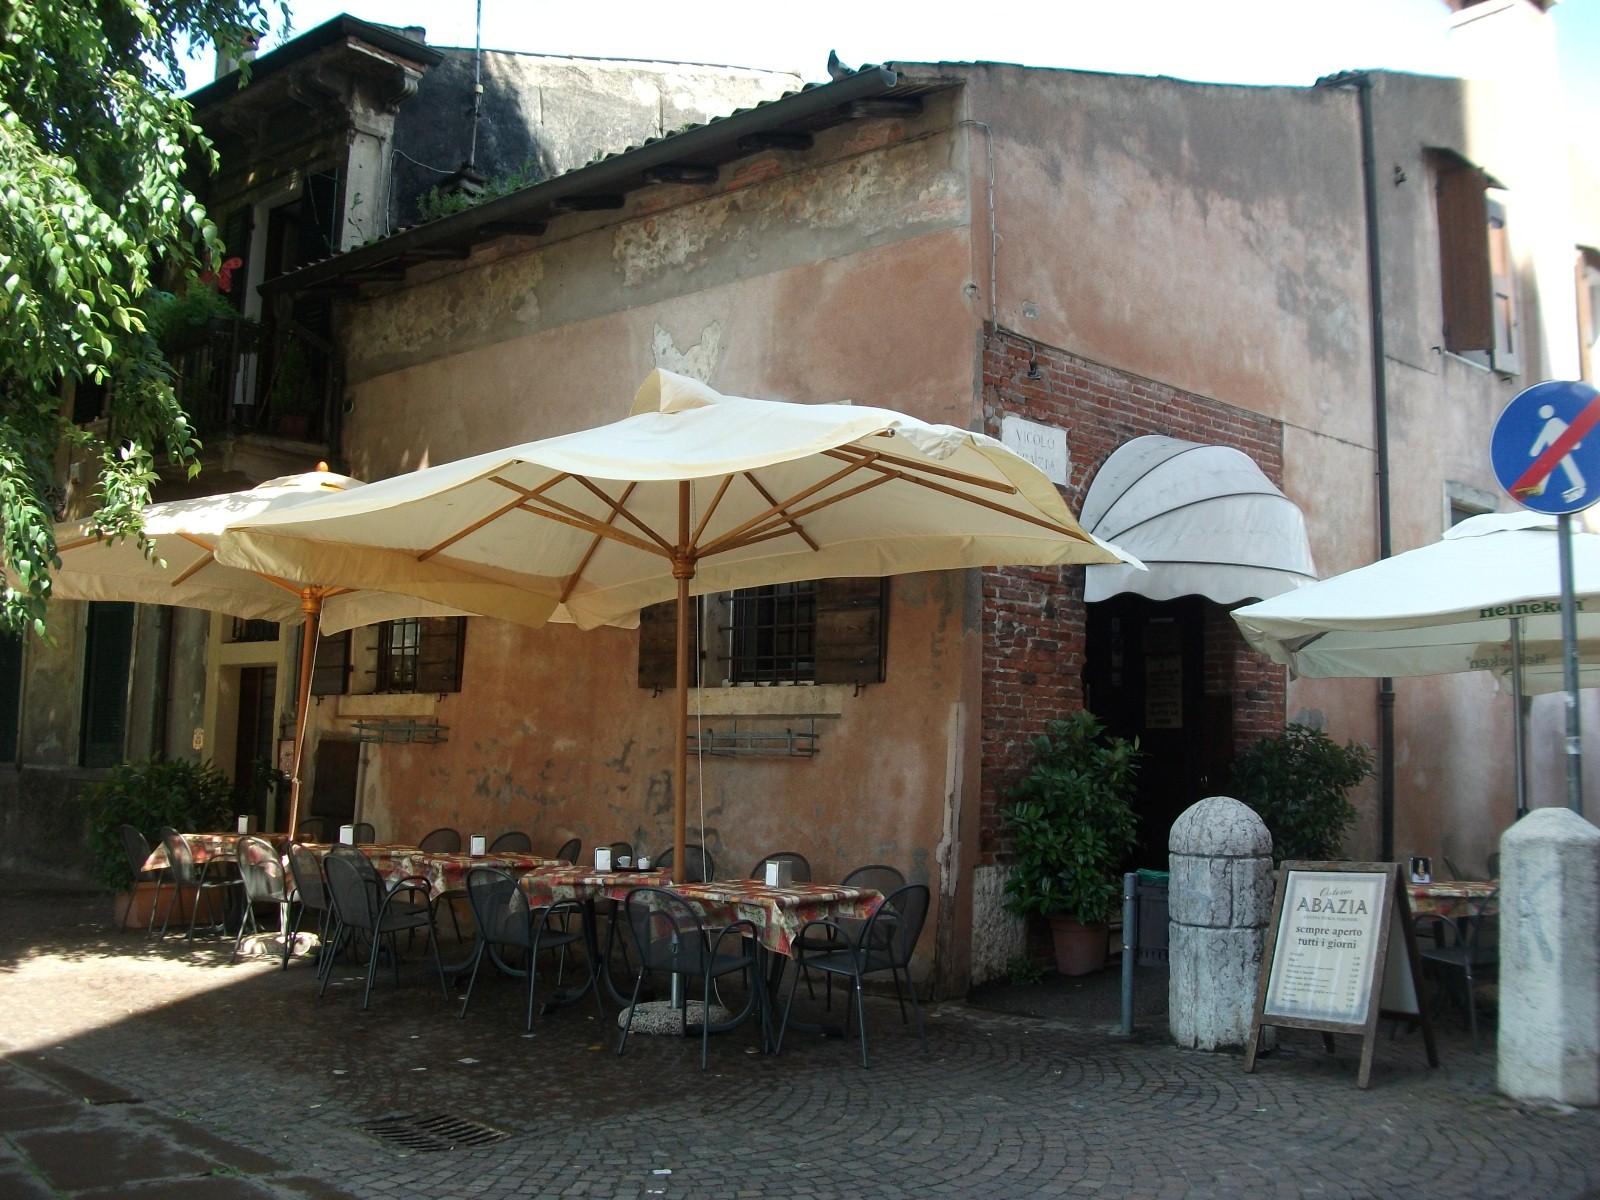 La brocante de blanche domenica 4 agosto antiquariato a for Mercatini antiquariato 4 domenica